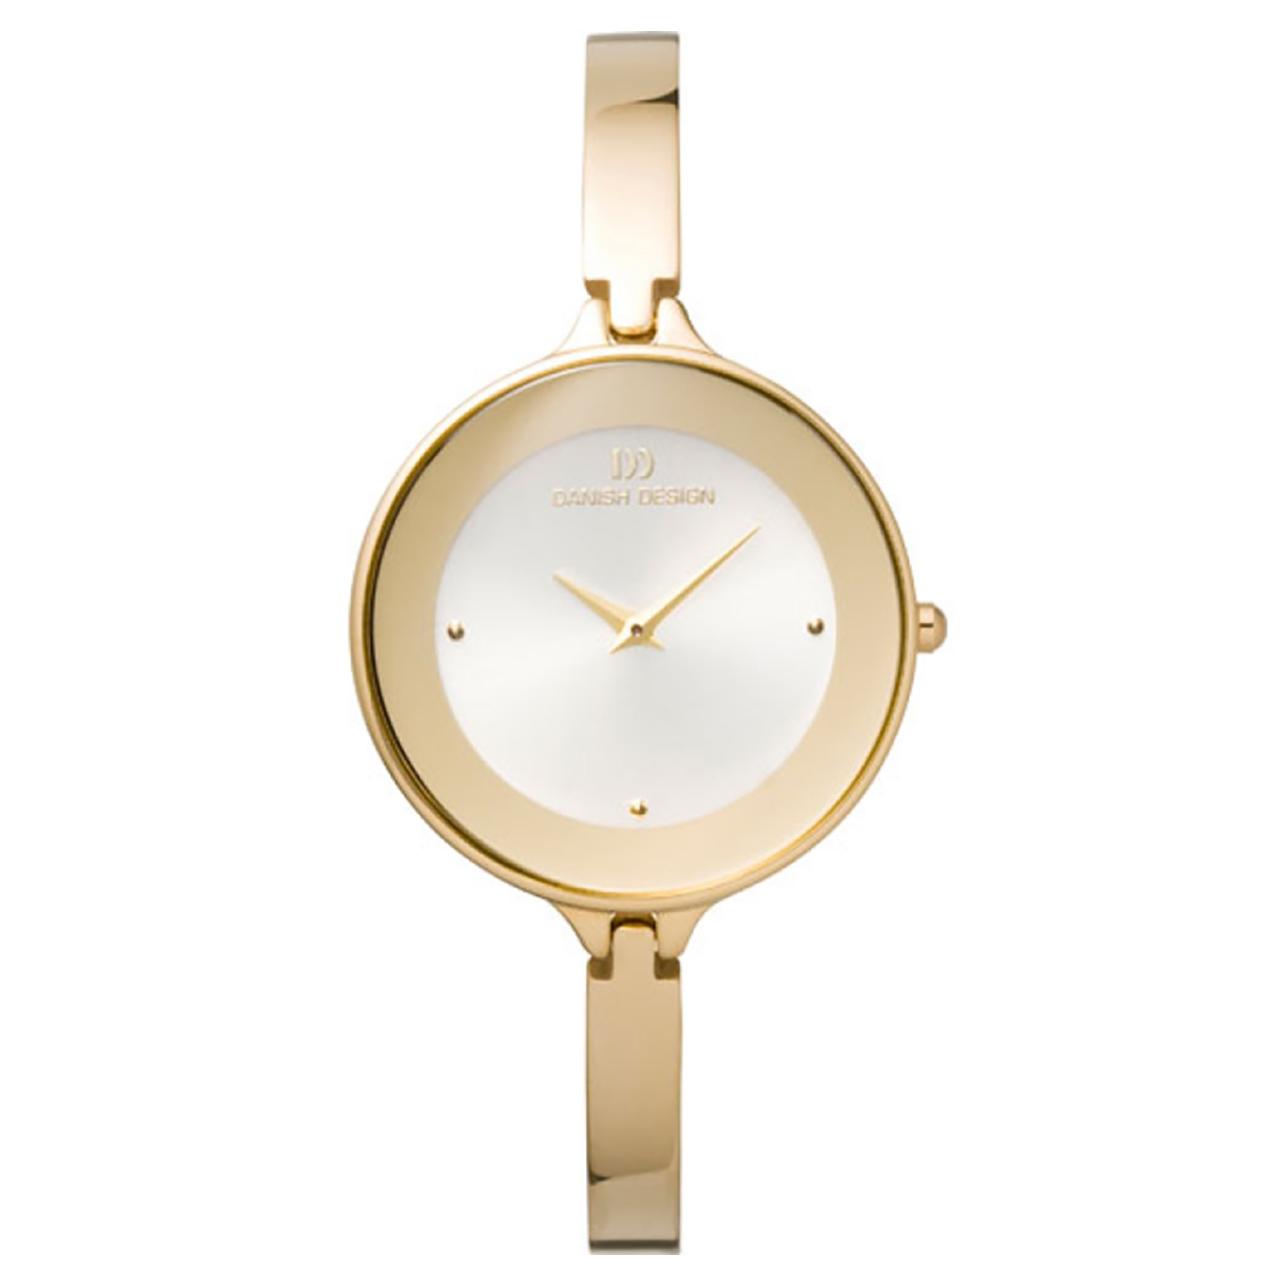 ساعت مچی عقربه ای زنانه دنیش دیزاین مدل IV05Q747